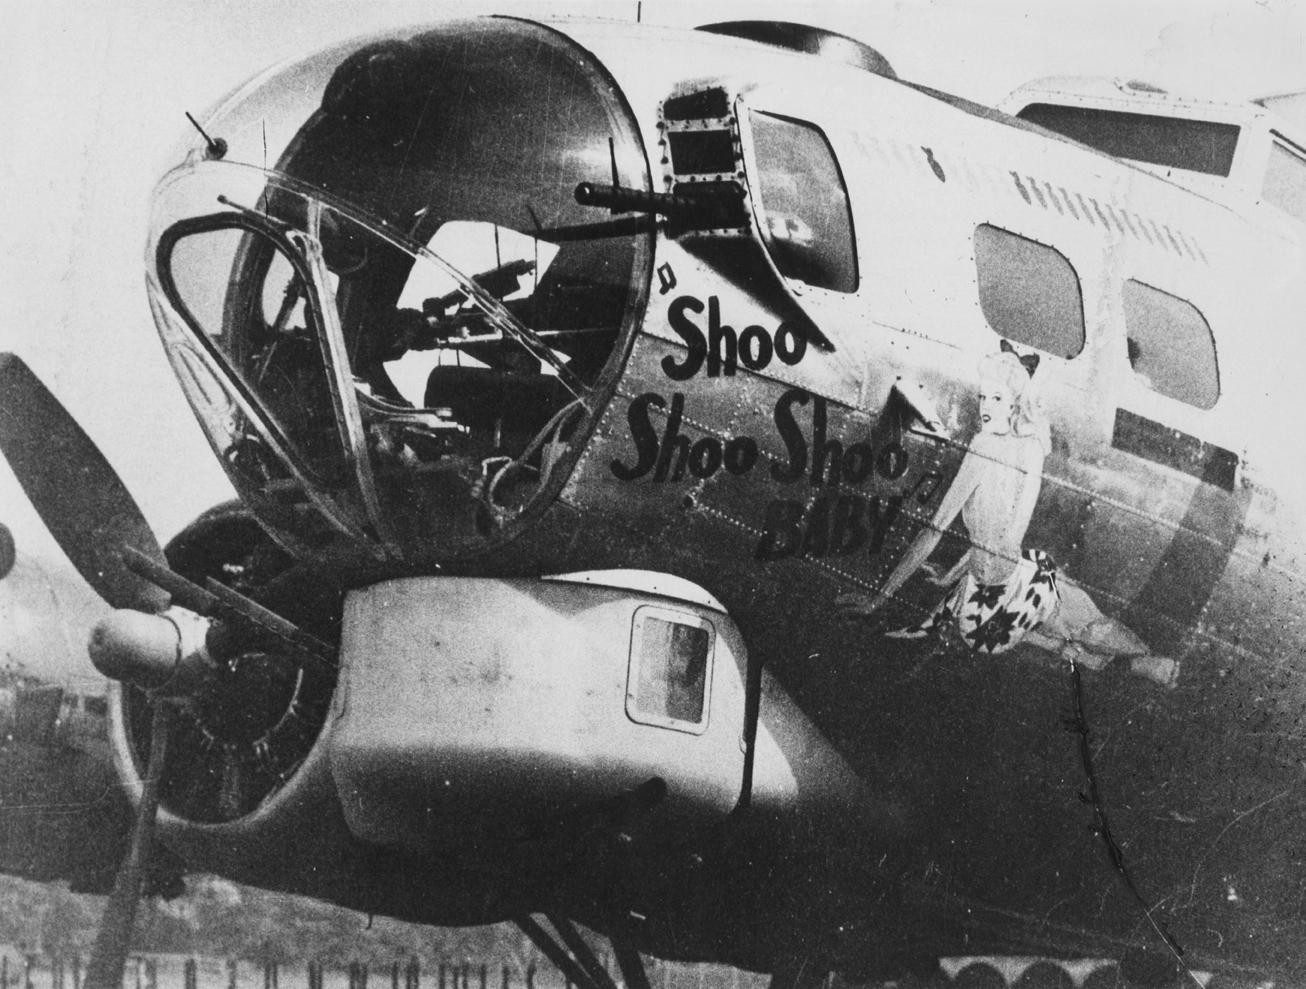 B-17 #42-32076 / Shoo Shoo Shoo Baby